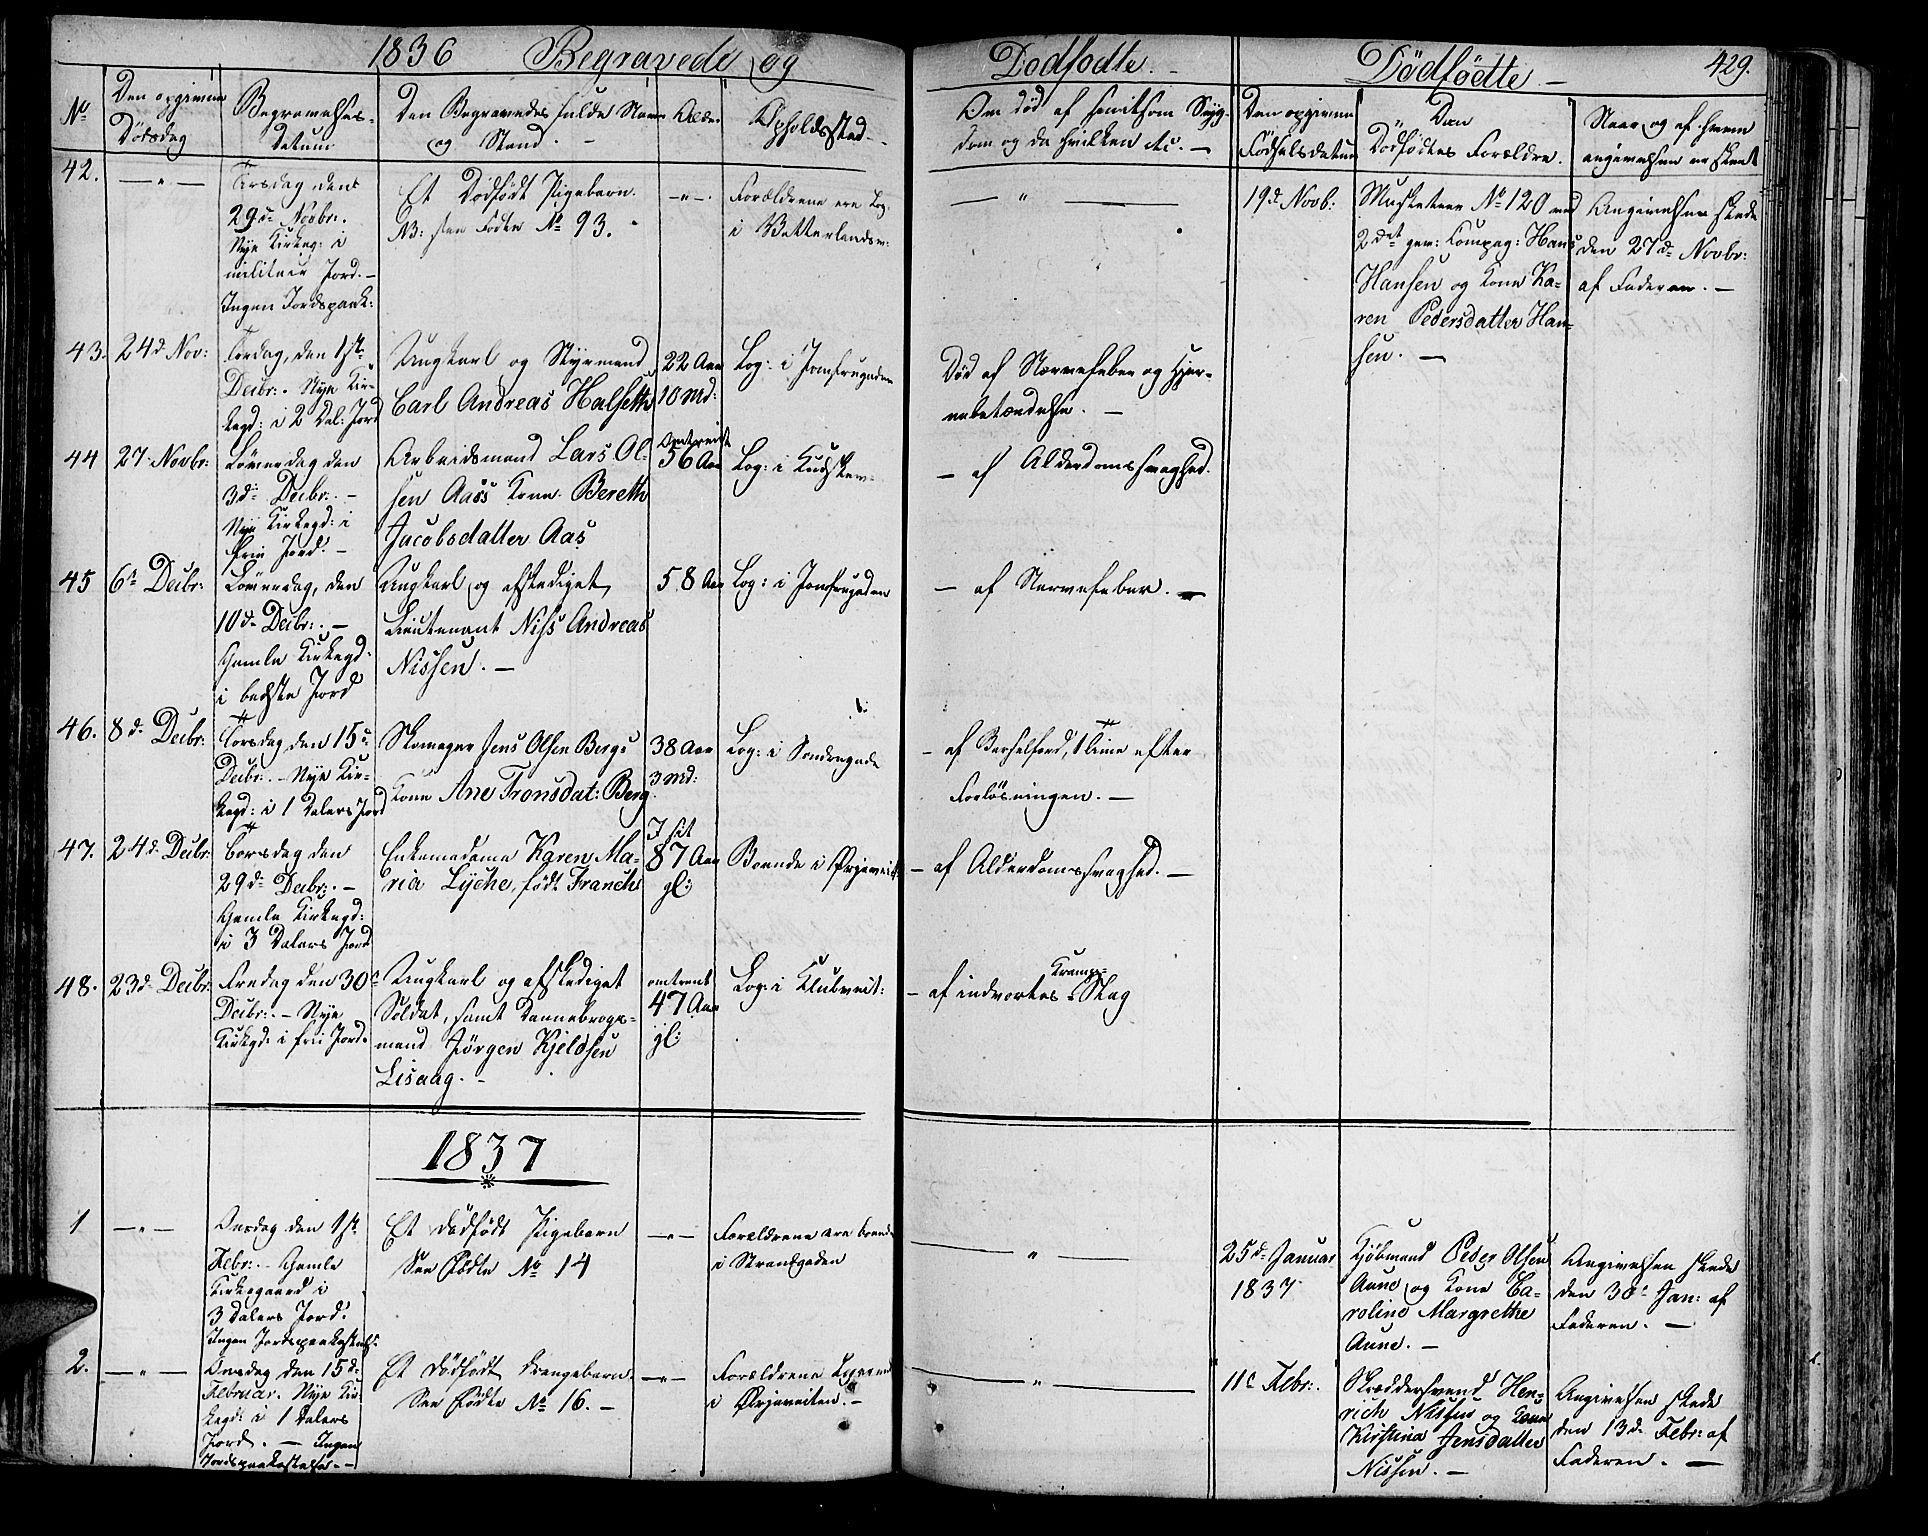 SAT, Ministerialprotokoller, klokkerbøker og fødselsregistre - Sør-Trøndelag, 602/L0109: Ministerialbok nr. 602A07, 1821-1840, s. 429